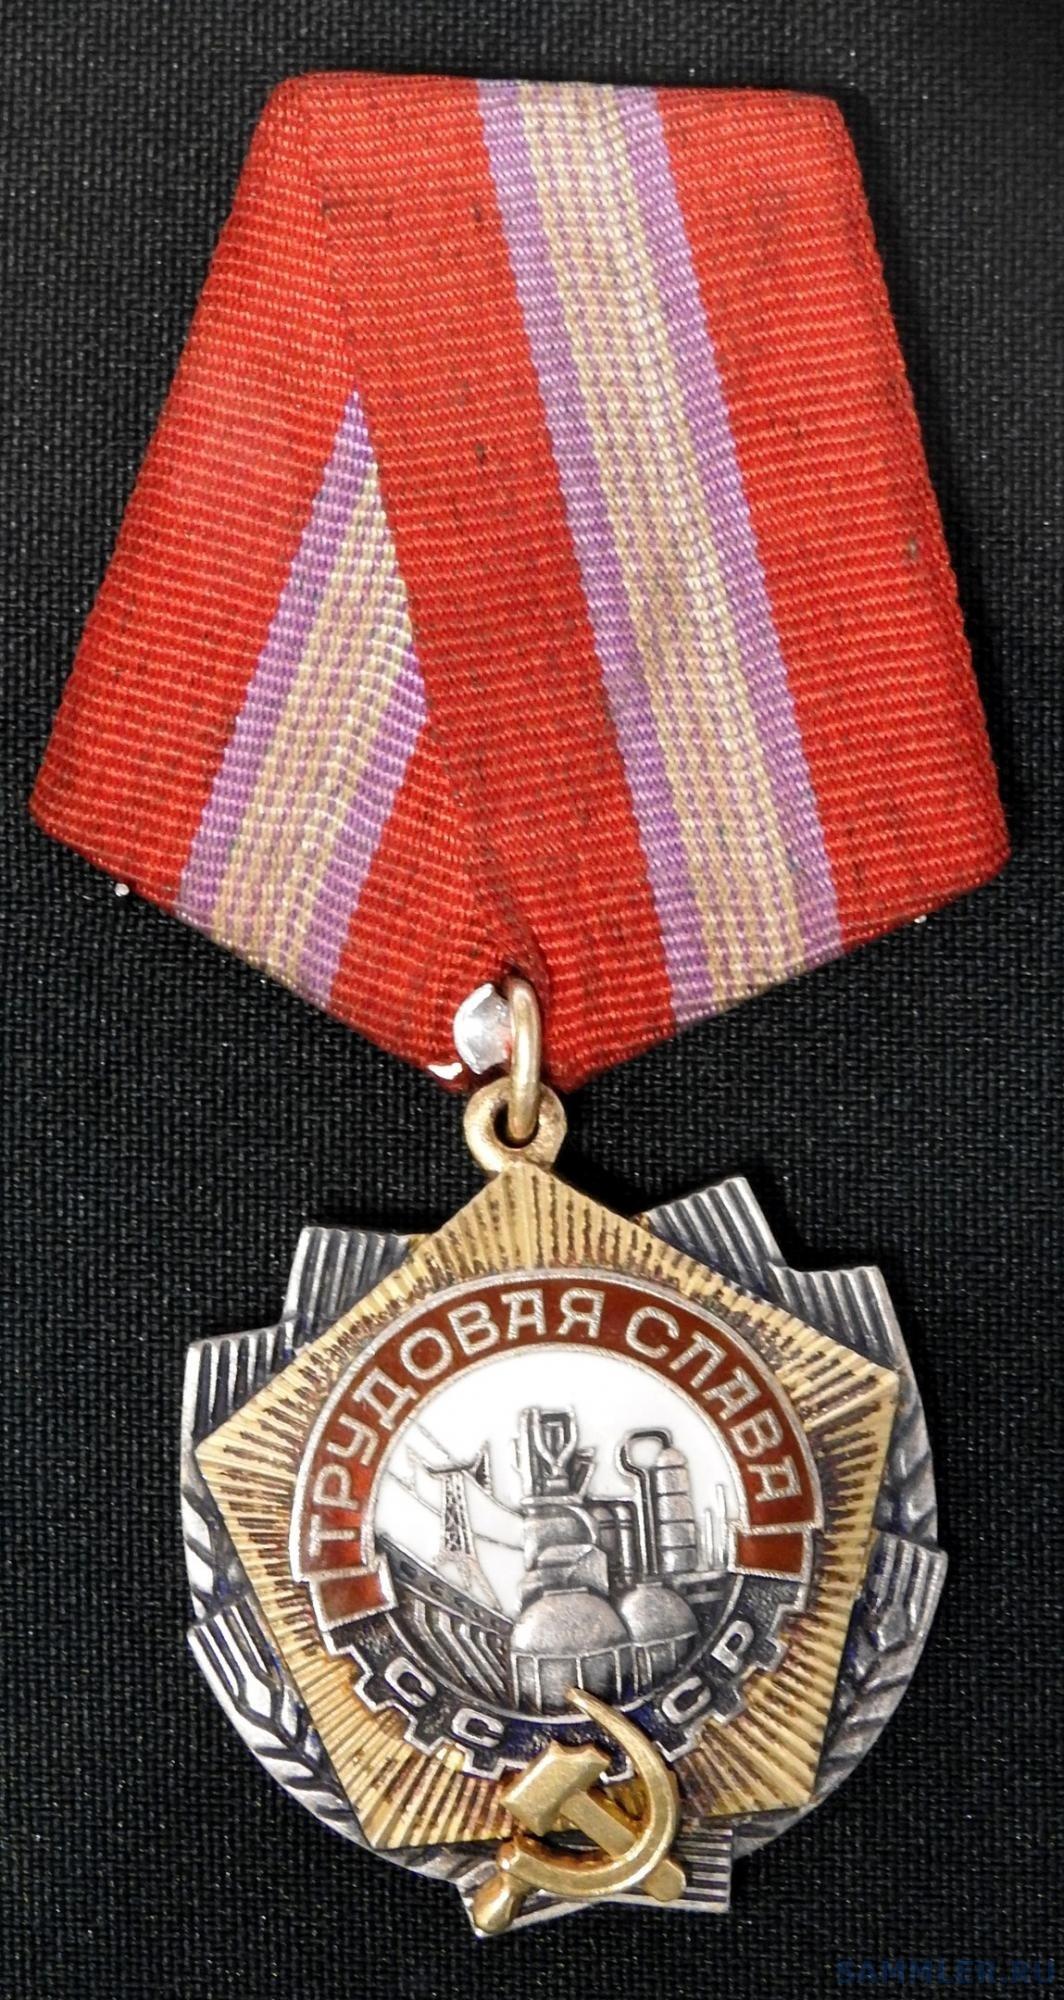 Проект ордена Трудовой Славы - В. П. Зайцев, 1967.jpg